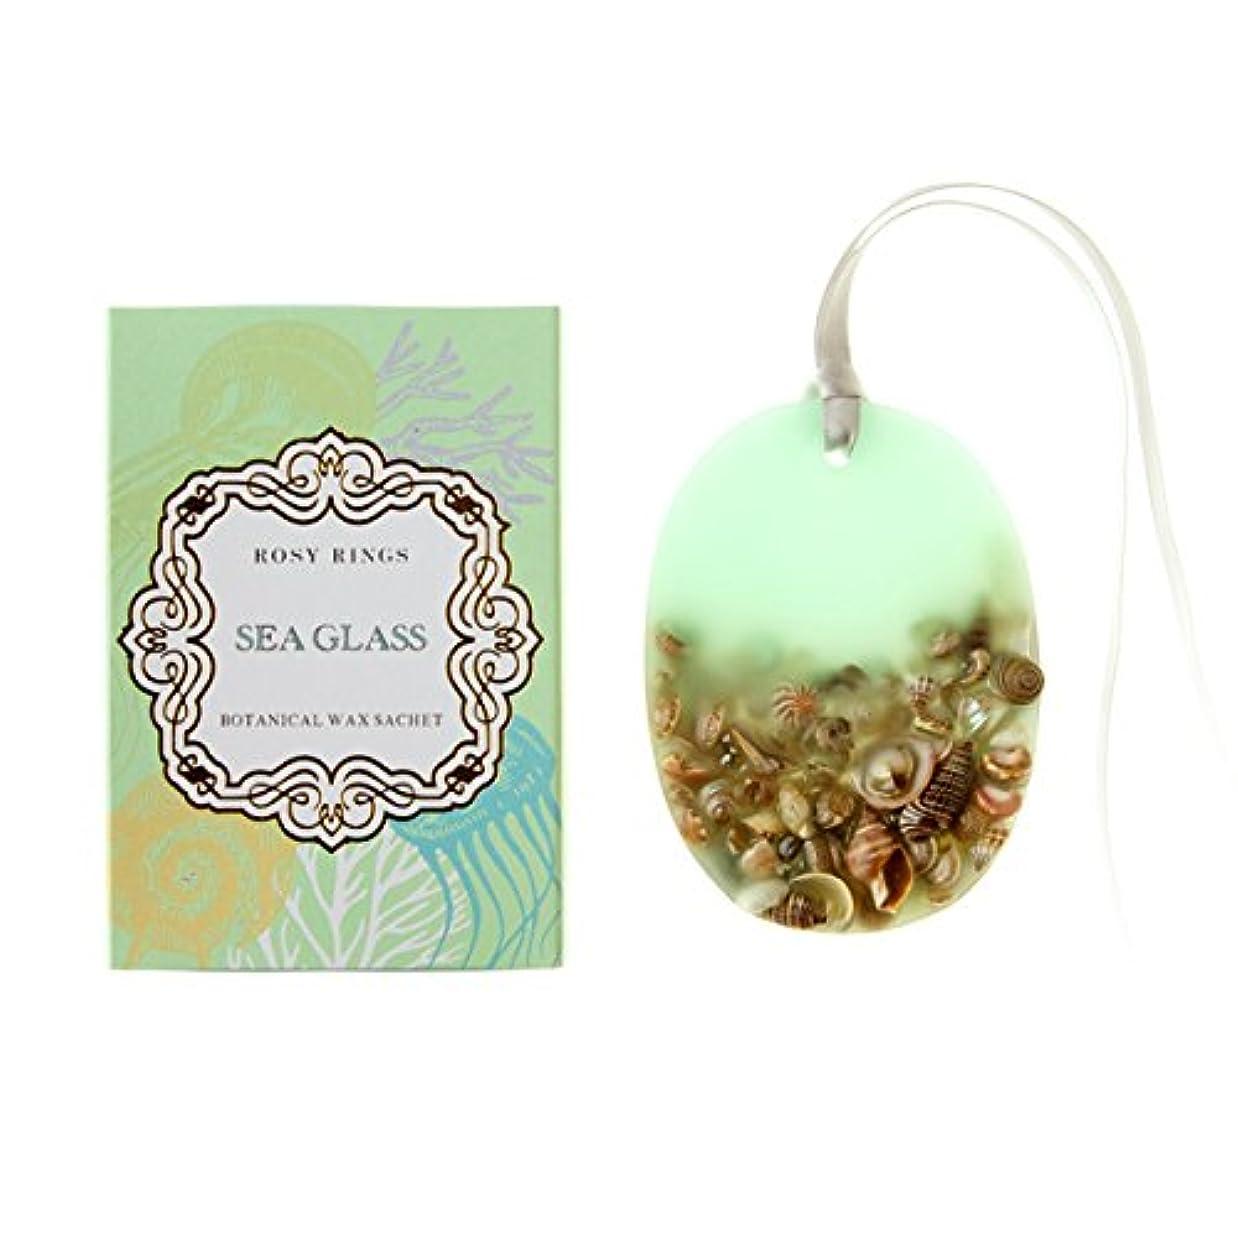 建てる喪シェルロージーリングス プティボタニカルサシェ シーグラス ROSY RINGS Petite Oval Botanical Wax Sachet Sea Glass